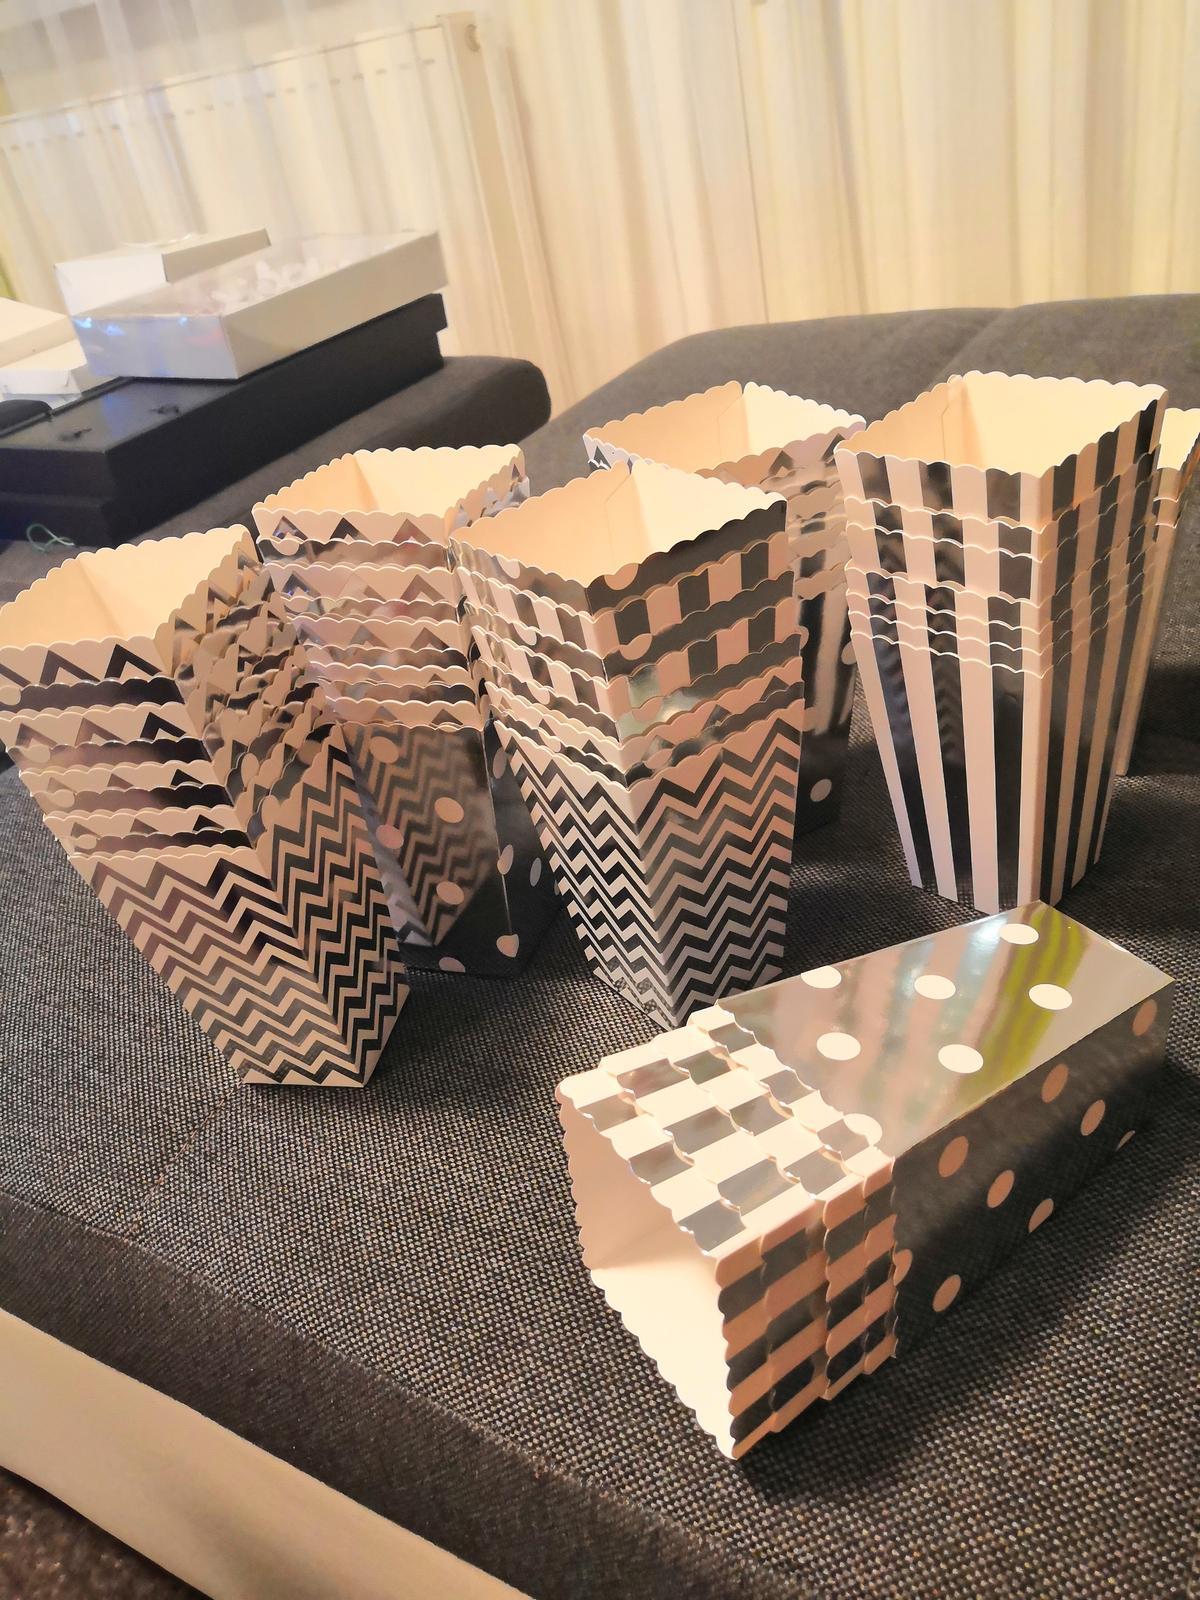 Krabičky na popcorn - Obrázek č. 1